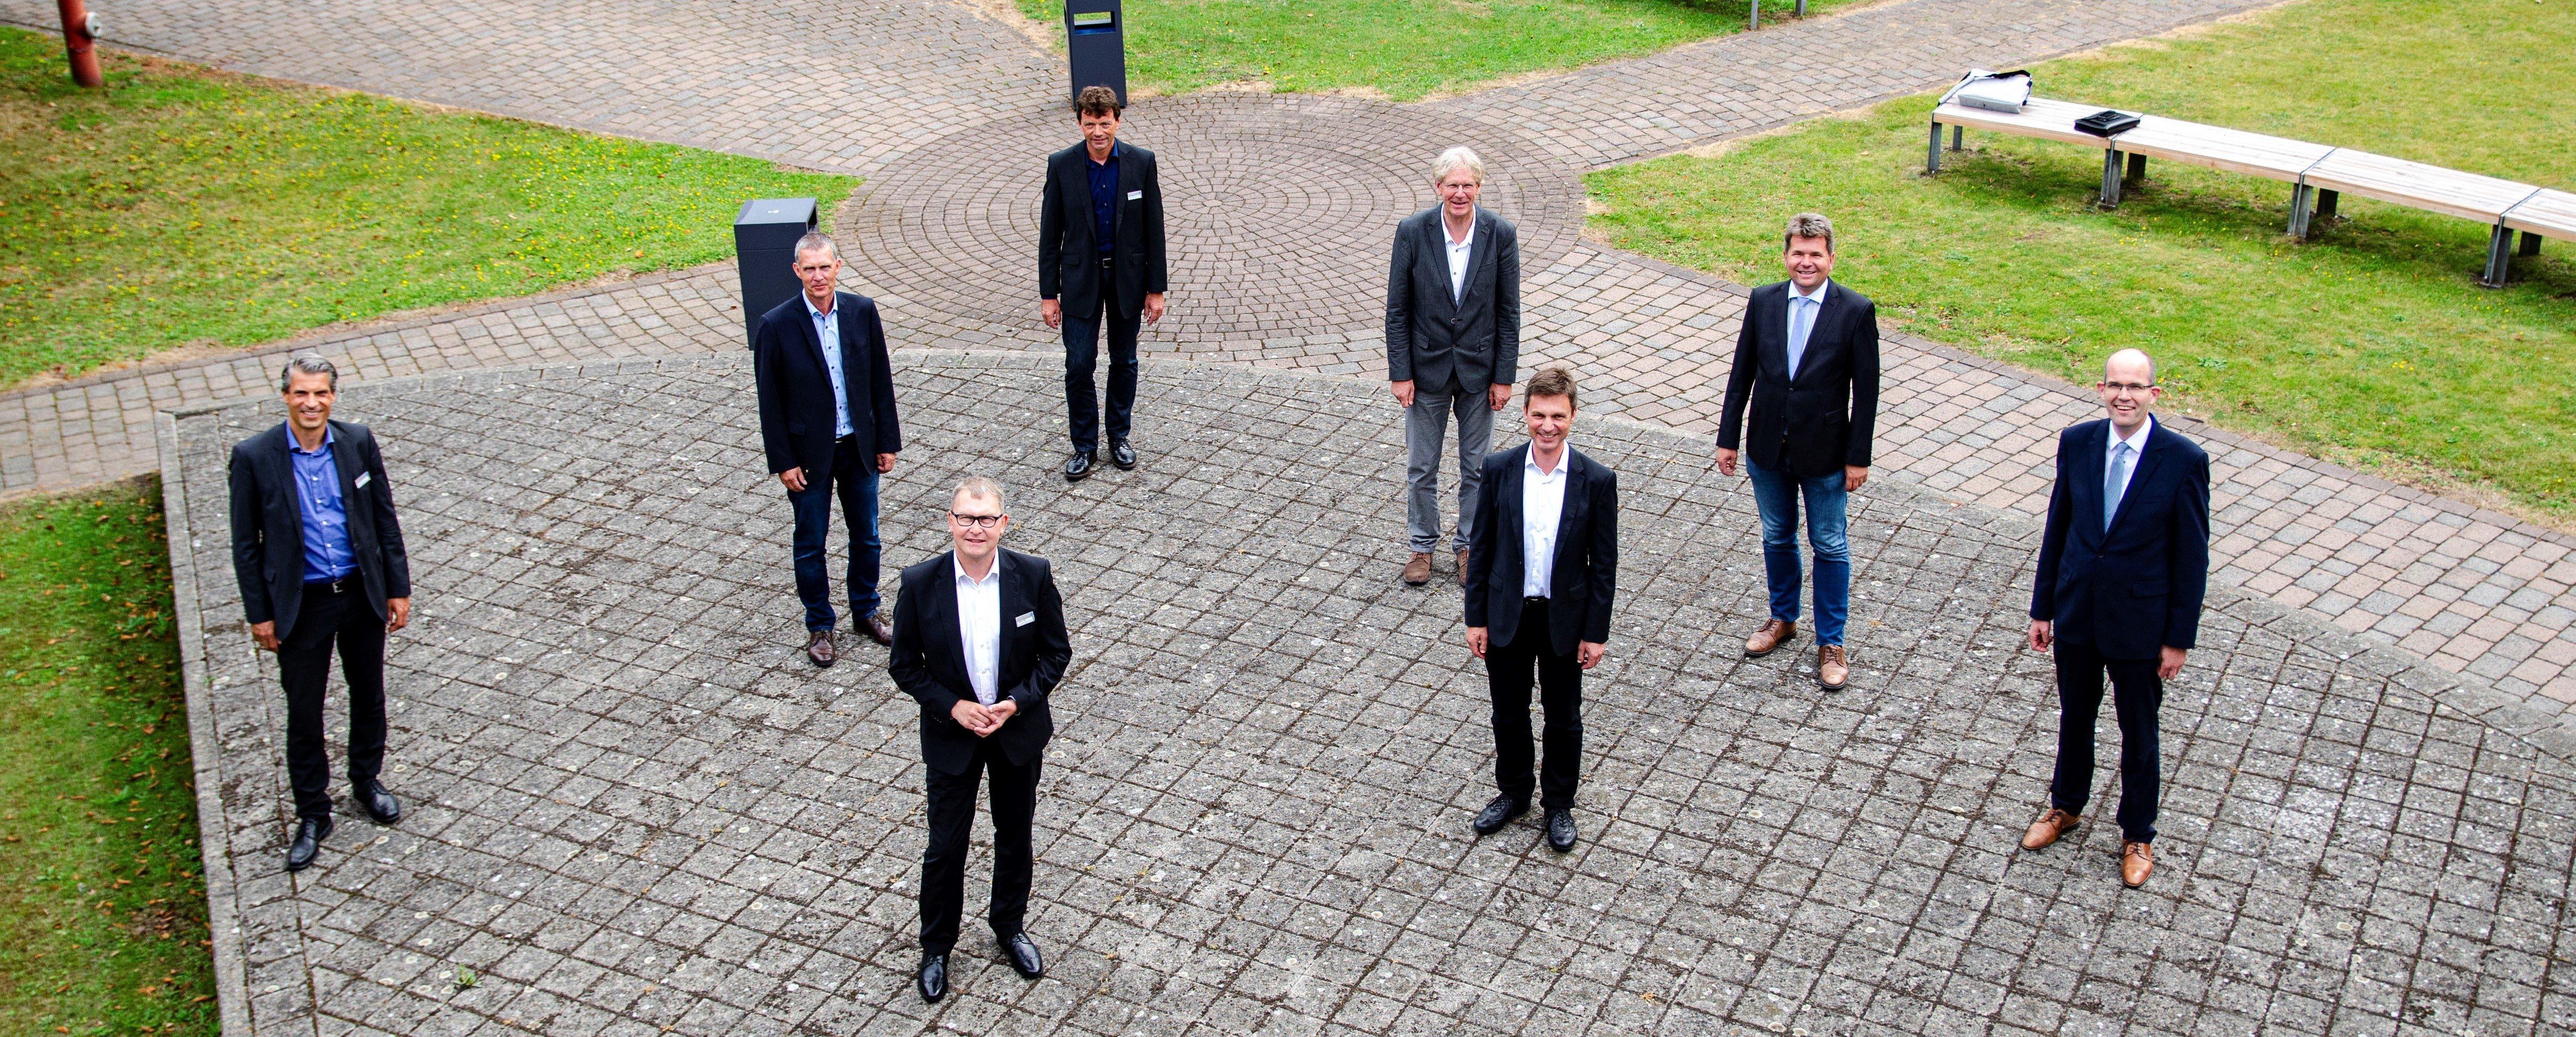 Zum Gruppenfoto mit Abstand trafen sich (1. Reihe v.l.) Frank Renner (BLB), Markus Vieth (BLB), Matthias Dieler (FH Münster), Guido Brebaum (FH Münster) und (2. Reihe v.l.) Andre Müller (FH Münster), Rainer Leuders (BLB), Hans Schröder (Stadt Steinfurt) und Carsten Rehers (Kreis Steinfurt). (Foto: FH Münster/Frederik Tebbe)